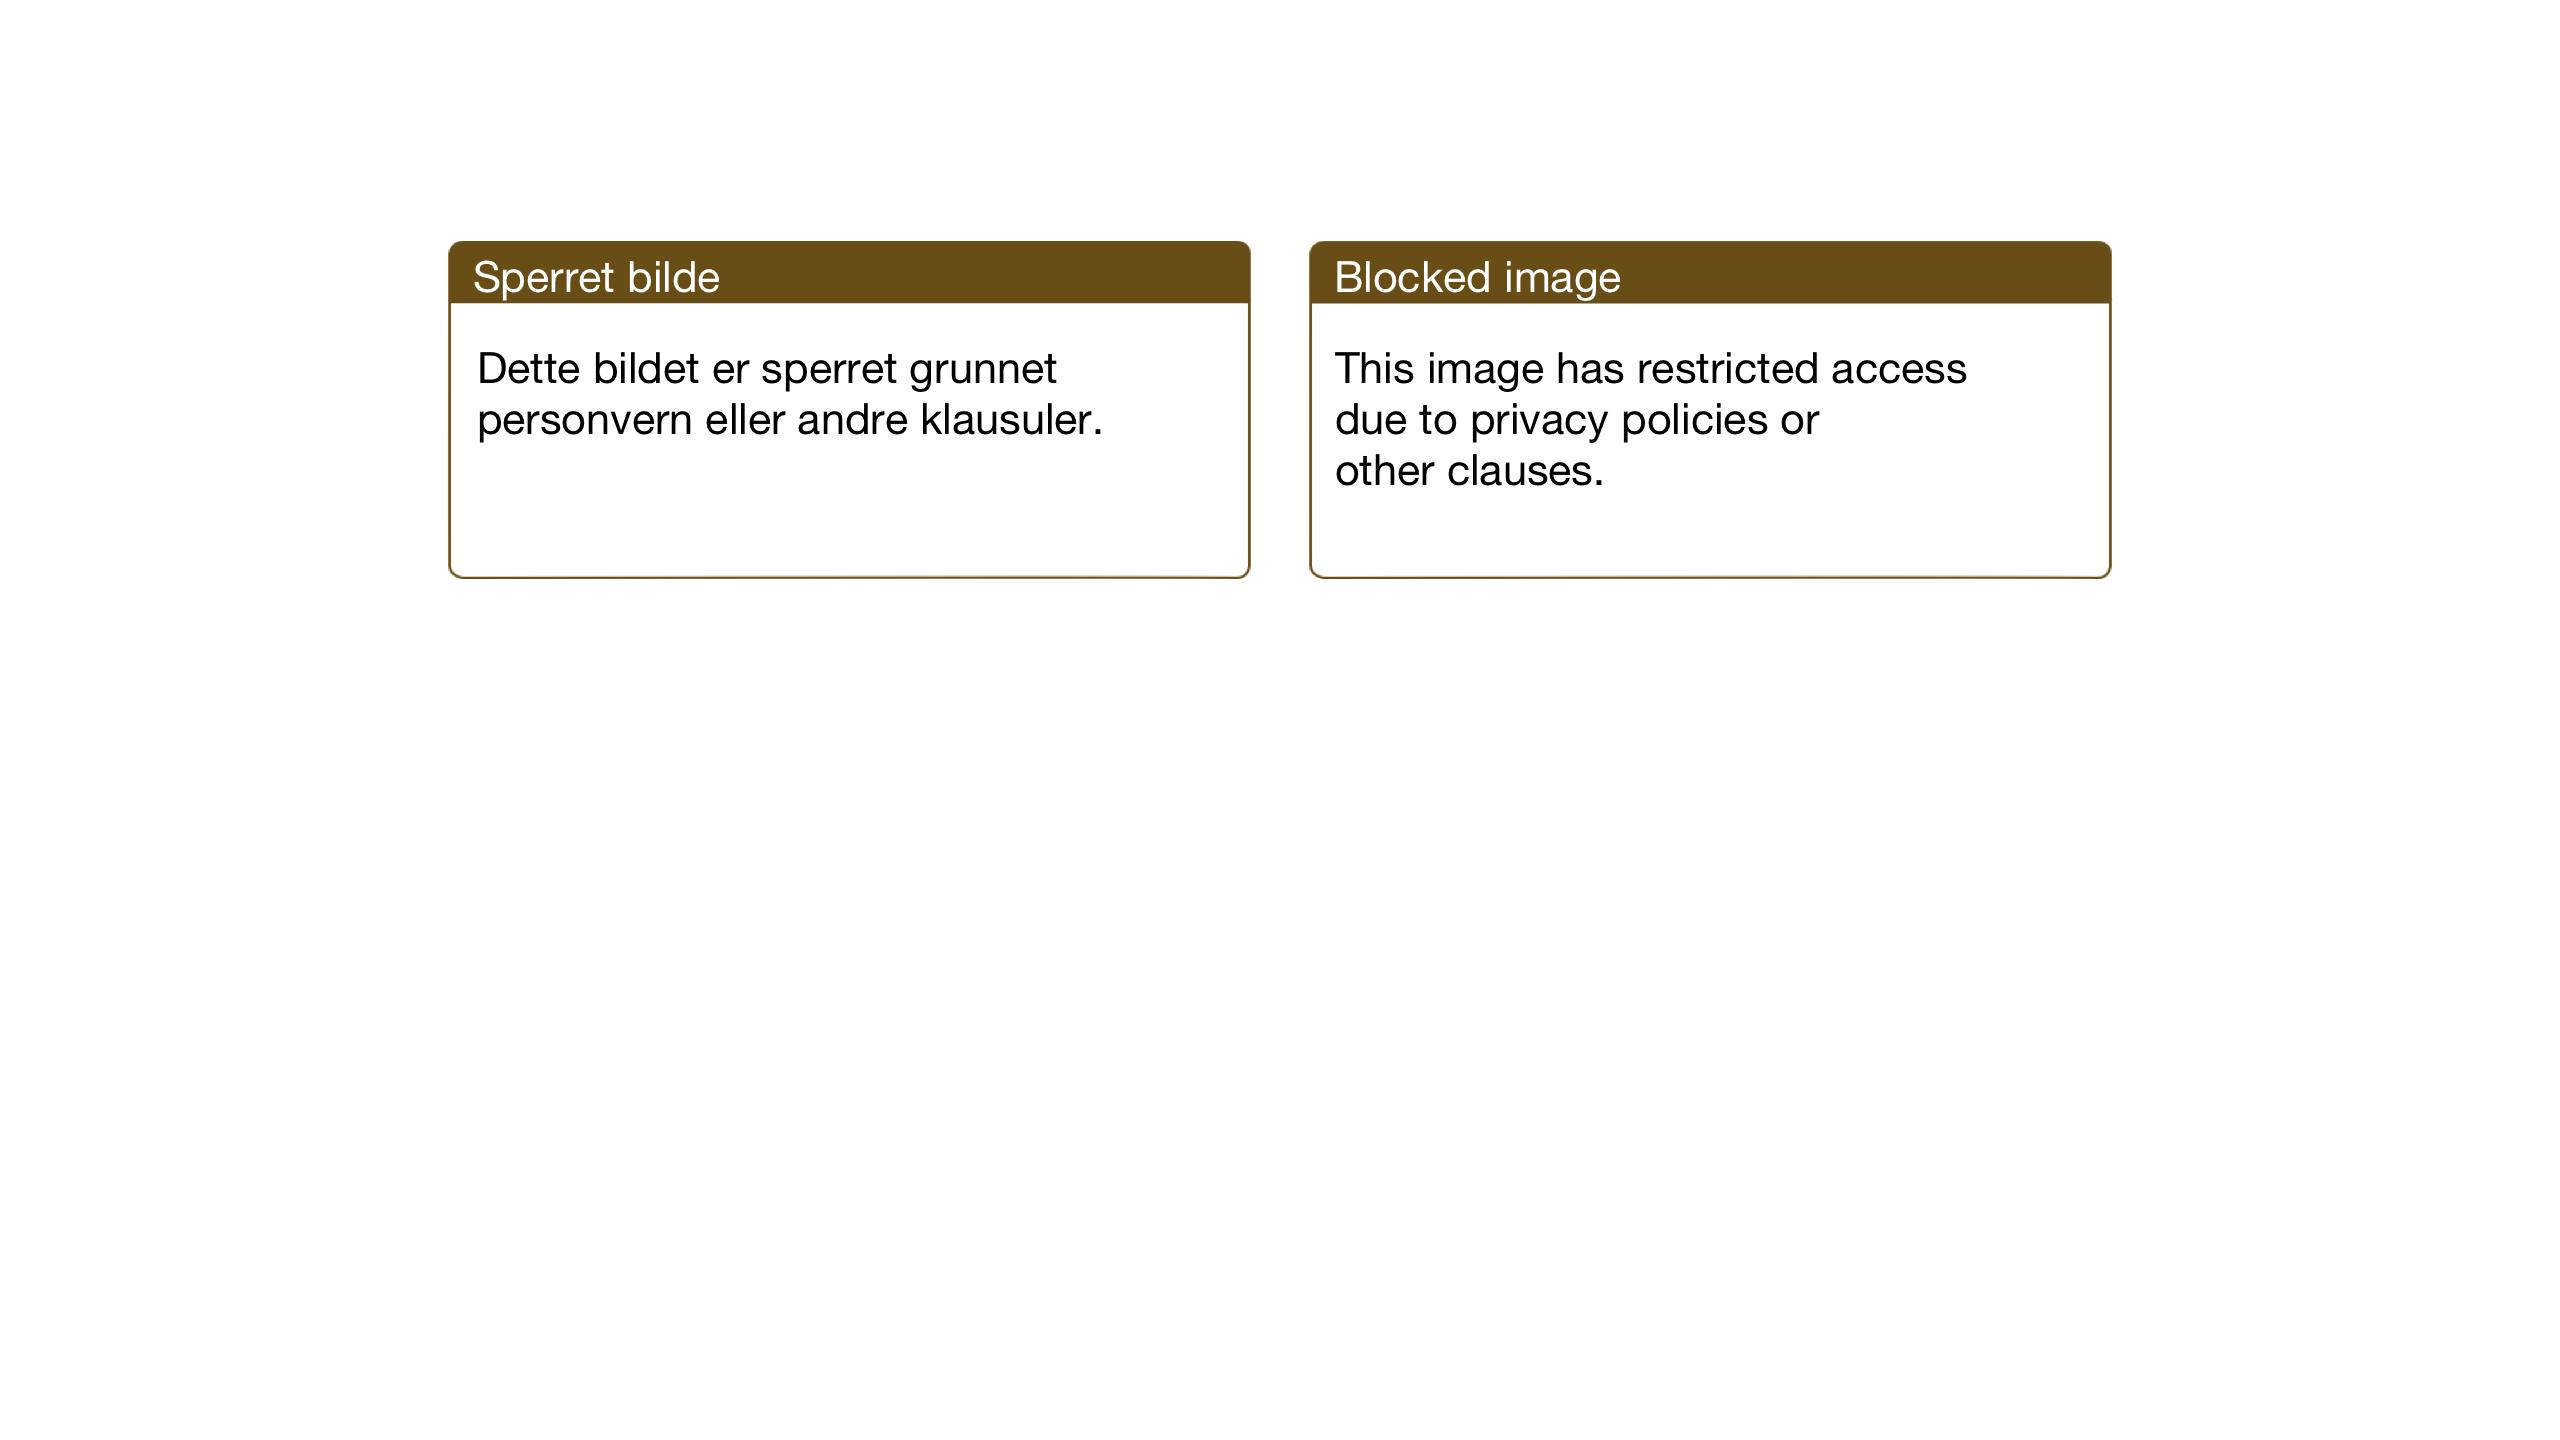 SAT, Ministerialprotokoller, klokkerbøker og fødselsregistre - Nord-Trøndelag, 770/L0592: Klokkerbok nr. 770C03, 1941-1950, s. 59